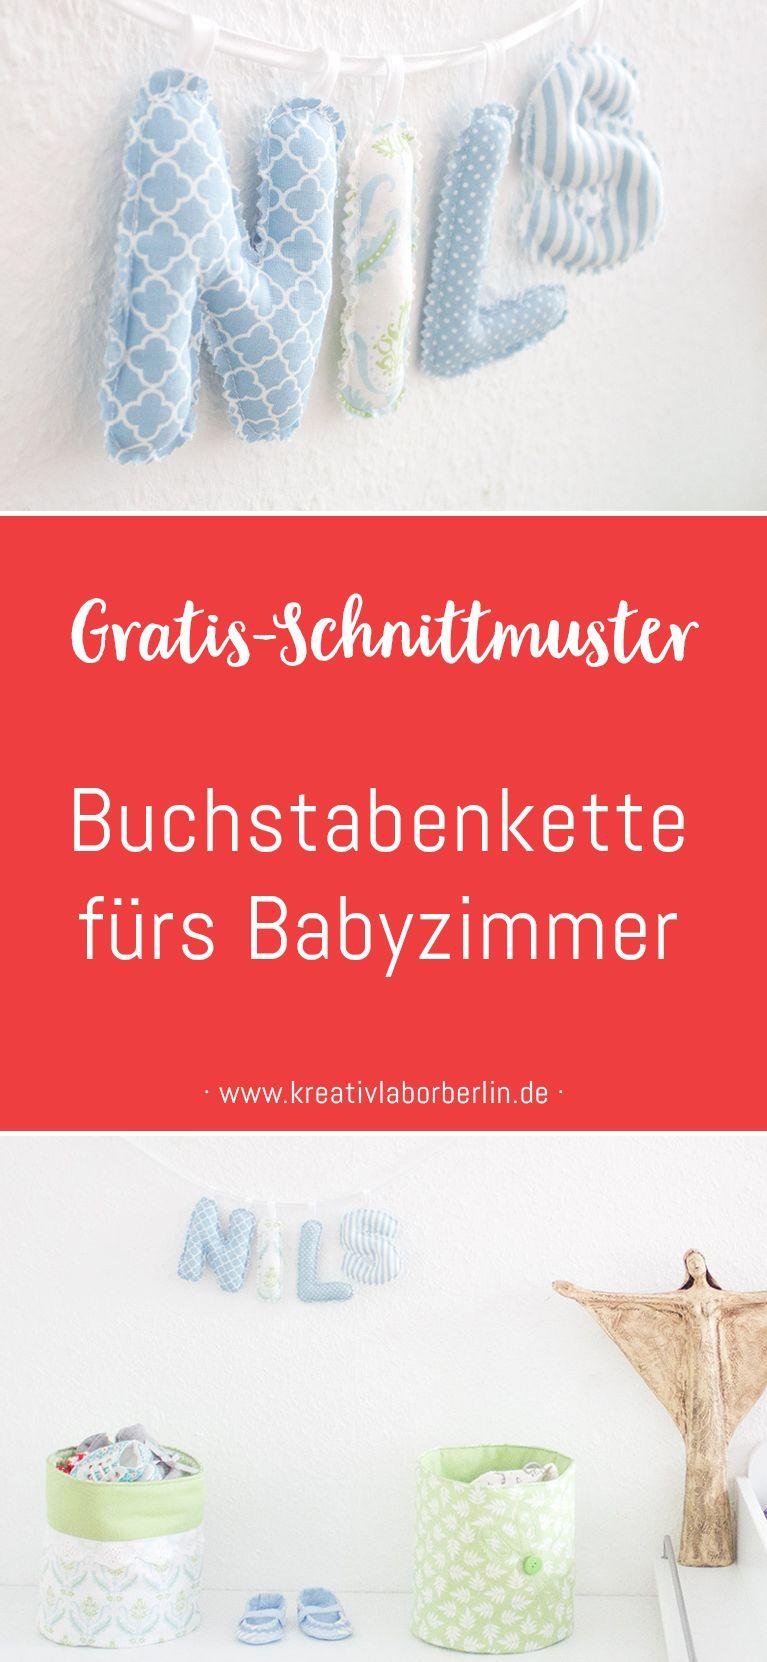 Photo of Kostenlose Nähanleitung mit Schnittmuster für eine Buchstabenkette – Kreativlabor Berlin